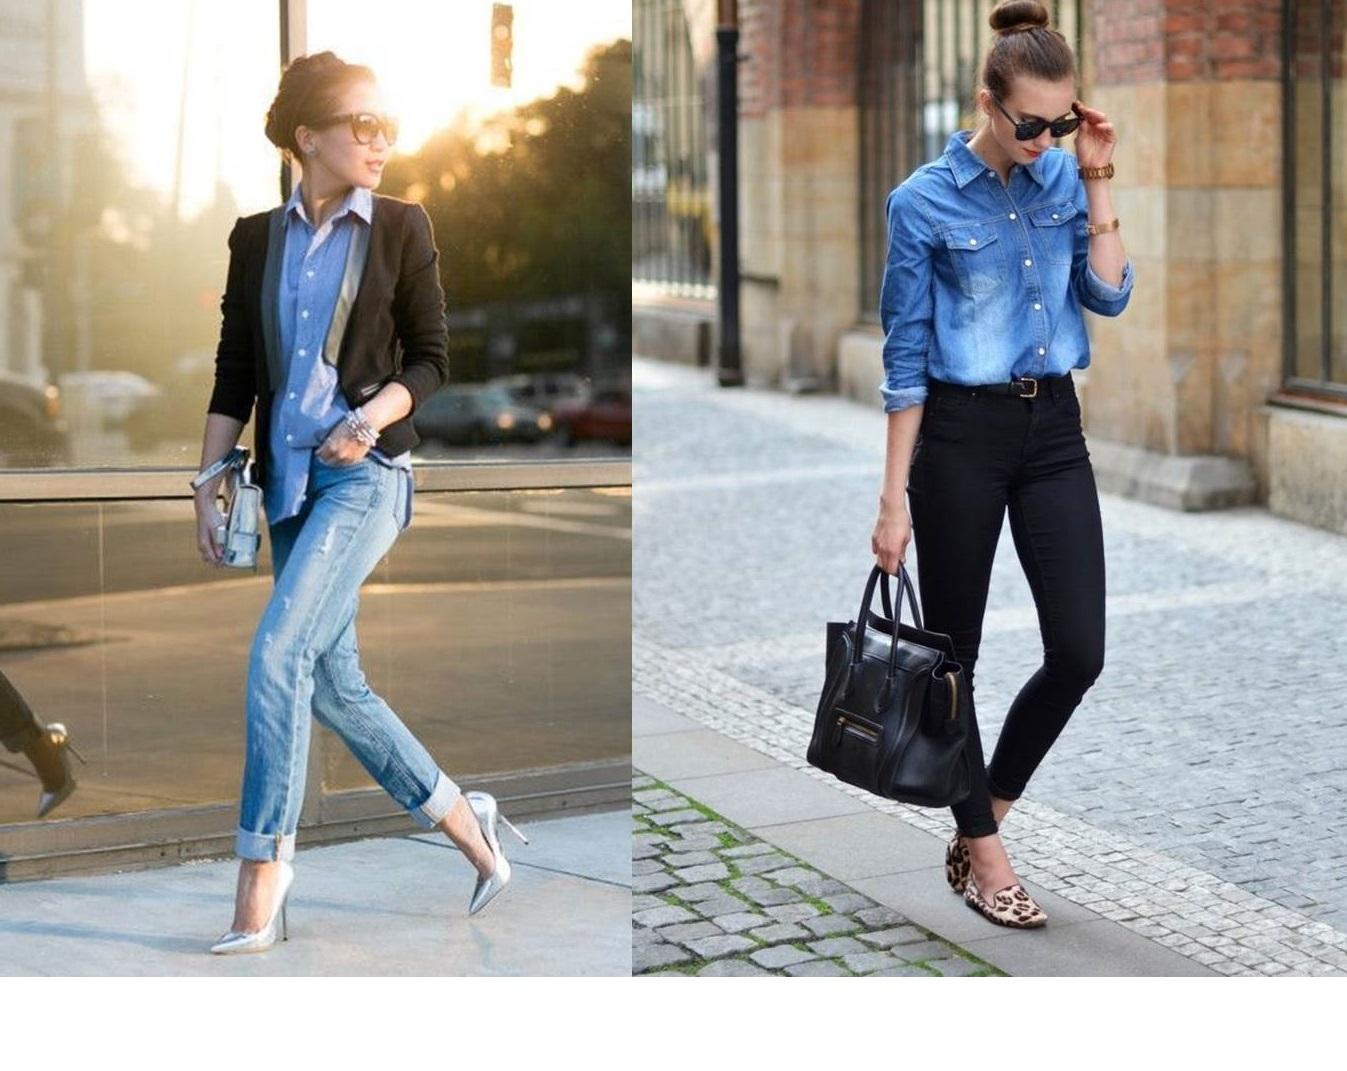 Sai abbinare la camicia di jeans? [TEST]